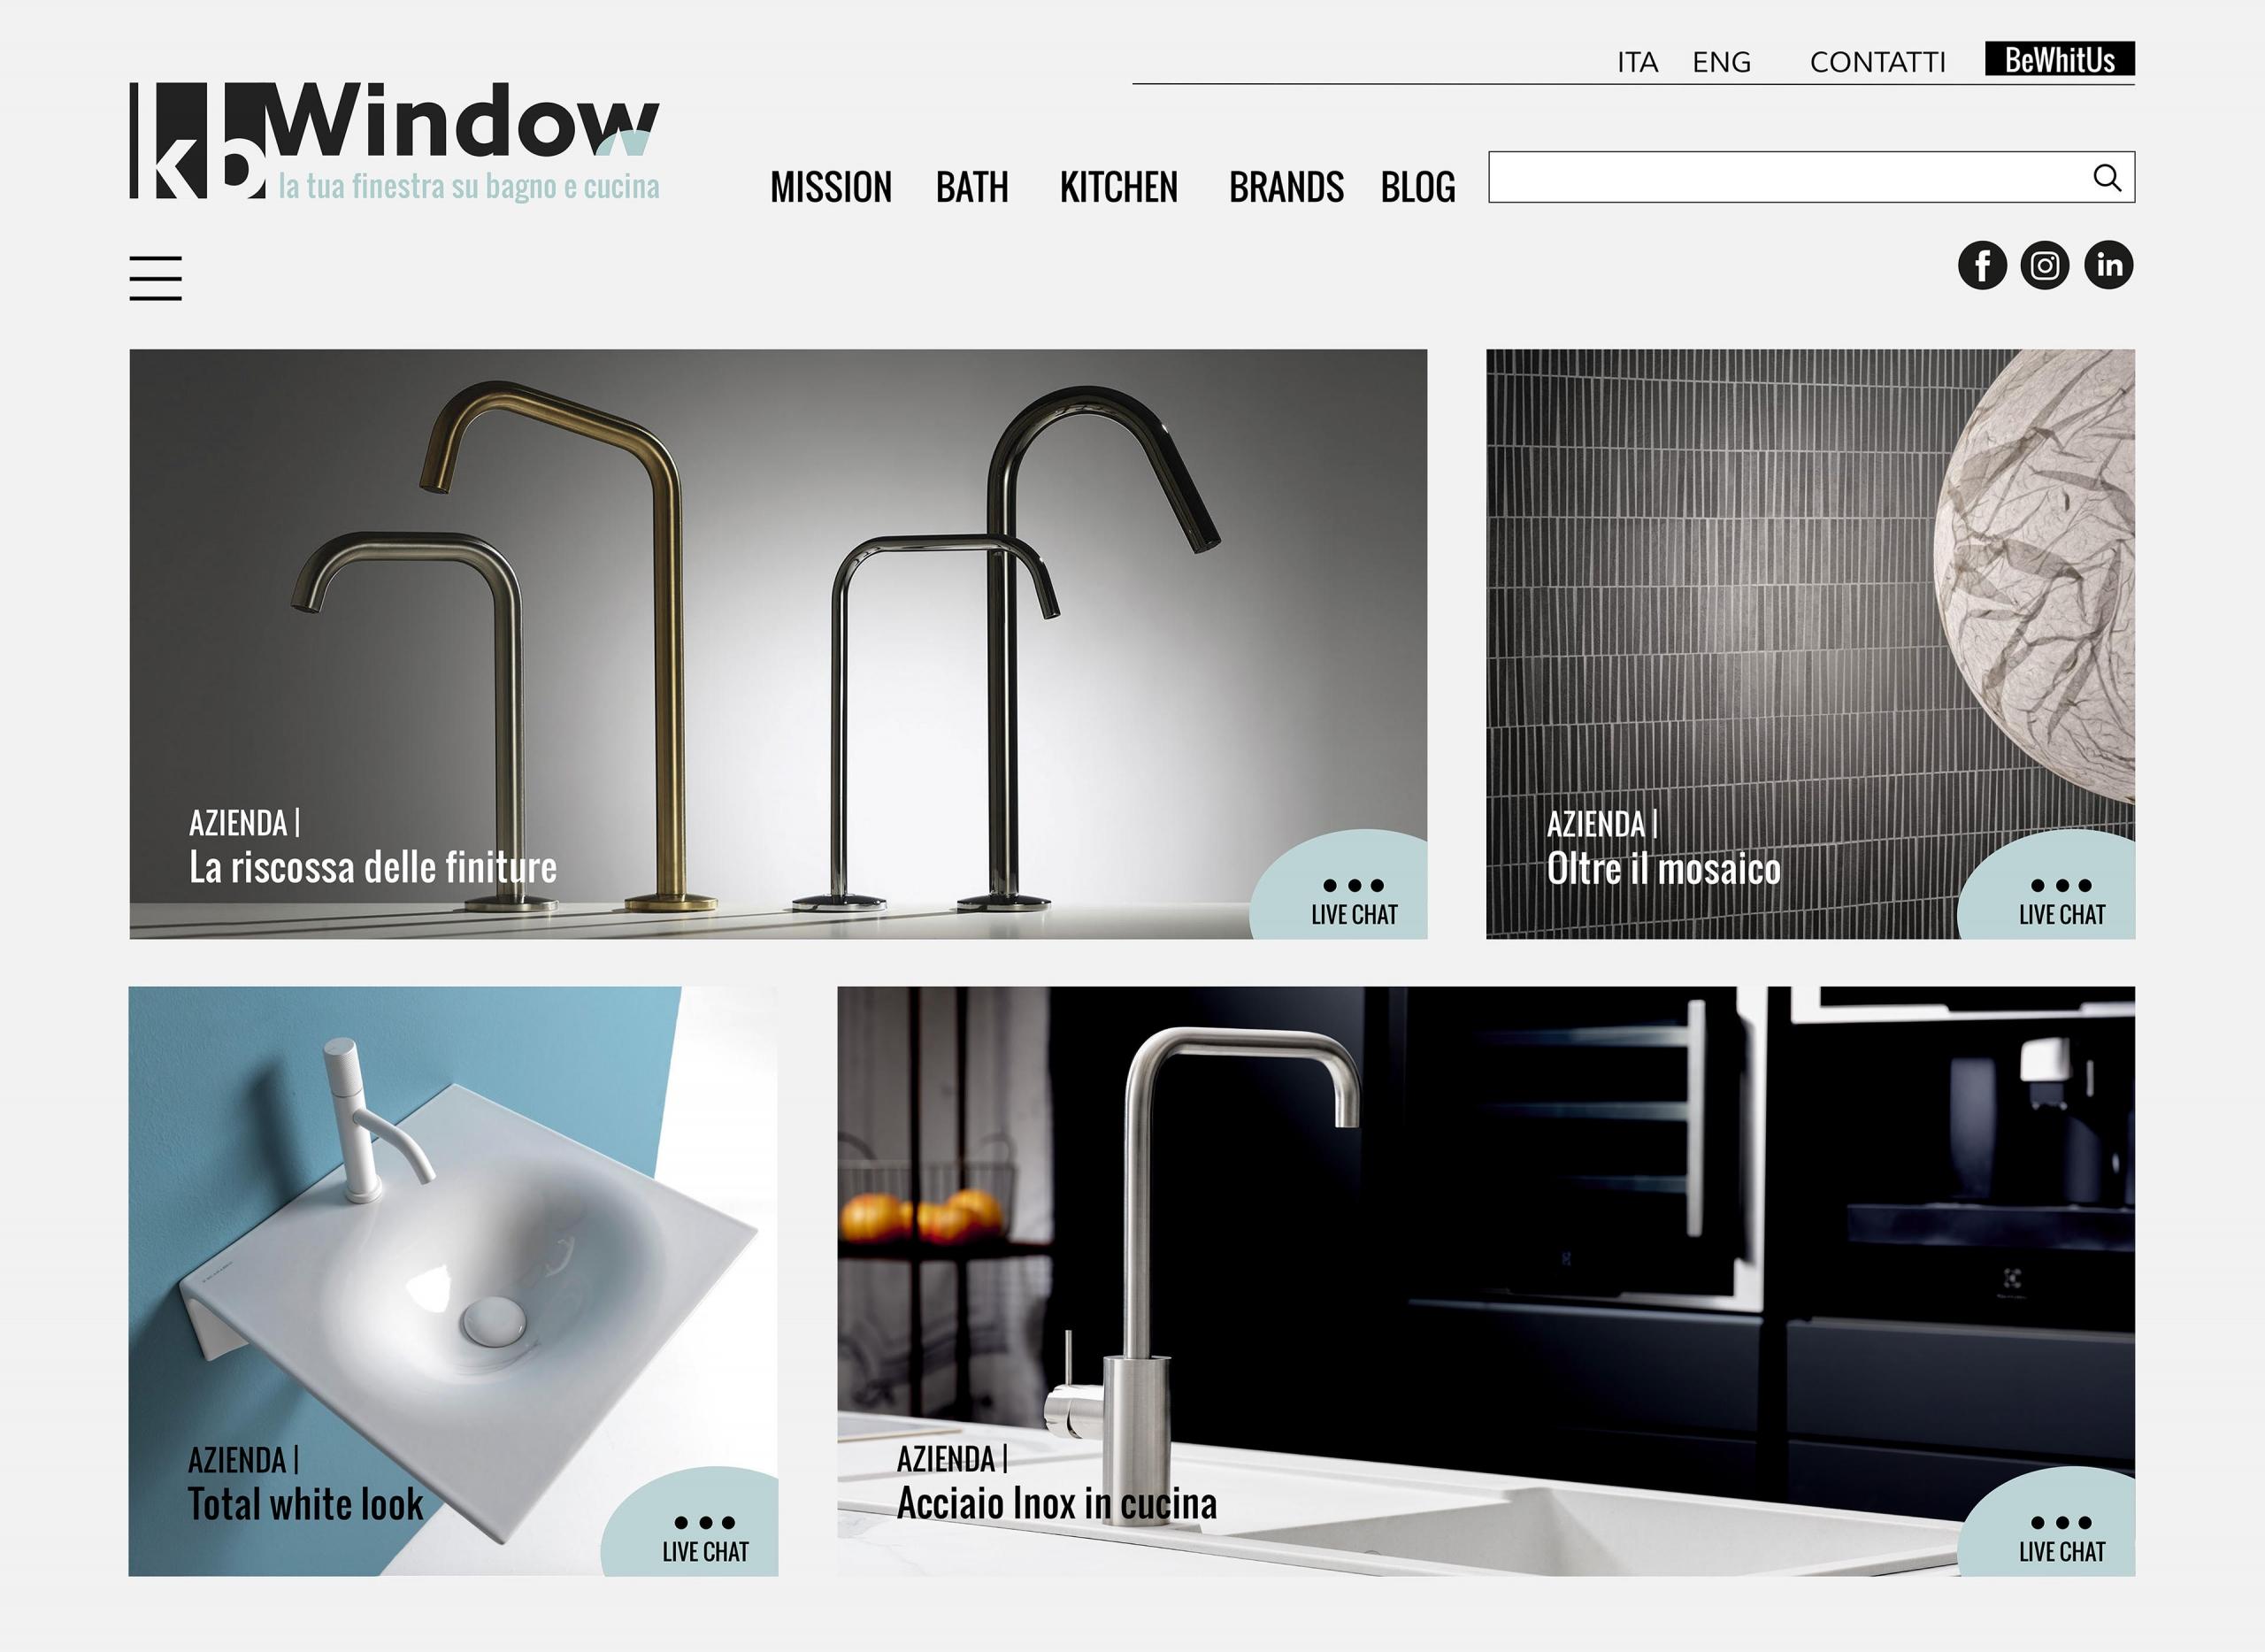 Kbwindow – al via a giugno la nuova piattaforma digitale dedicata al mondo del bagno e cucina